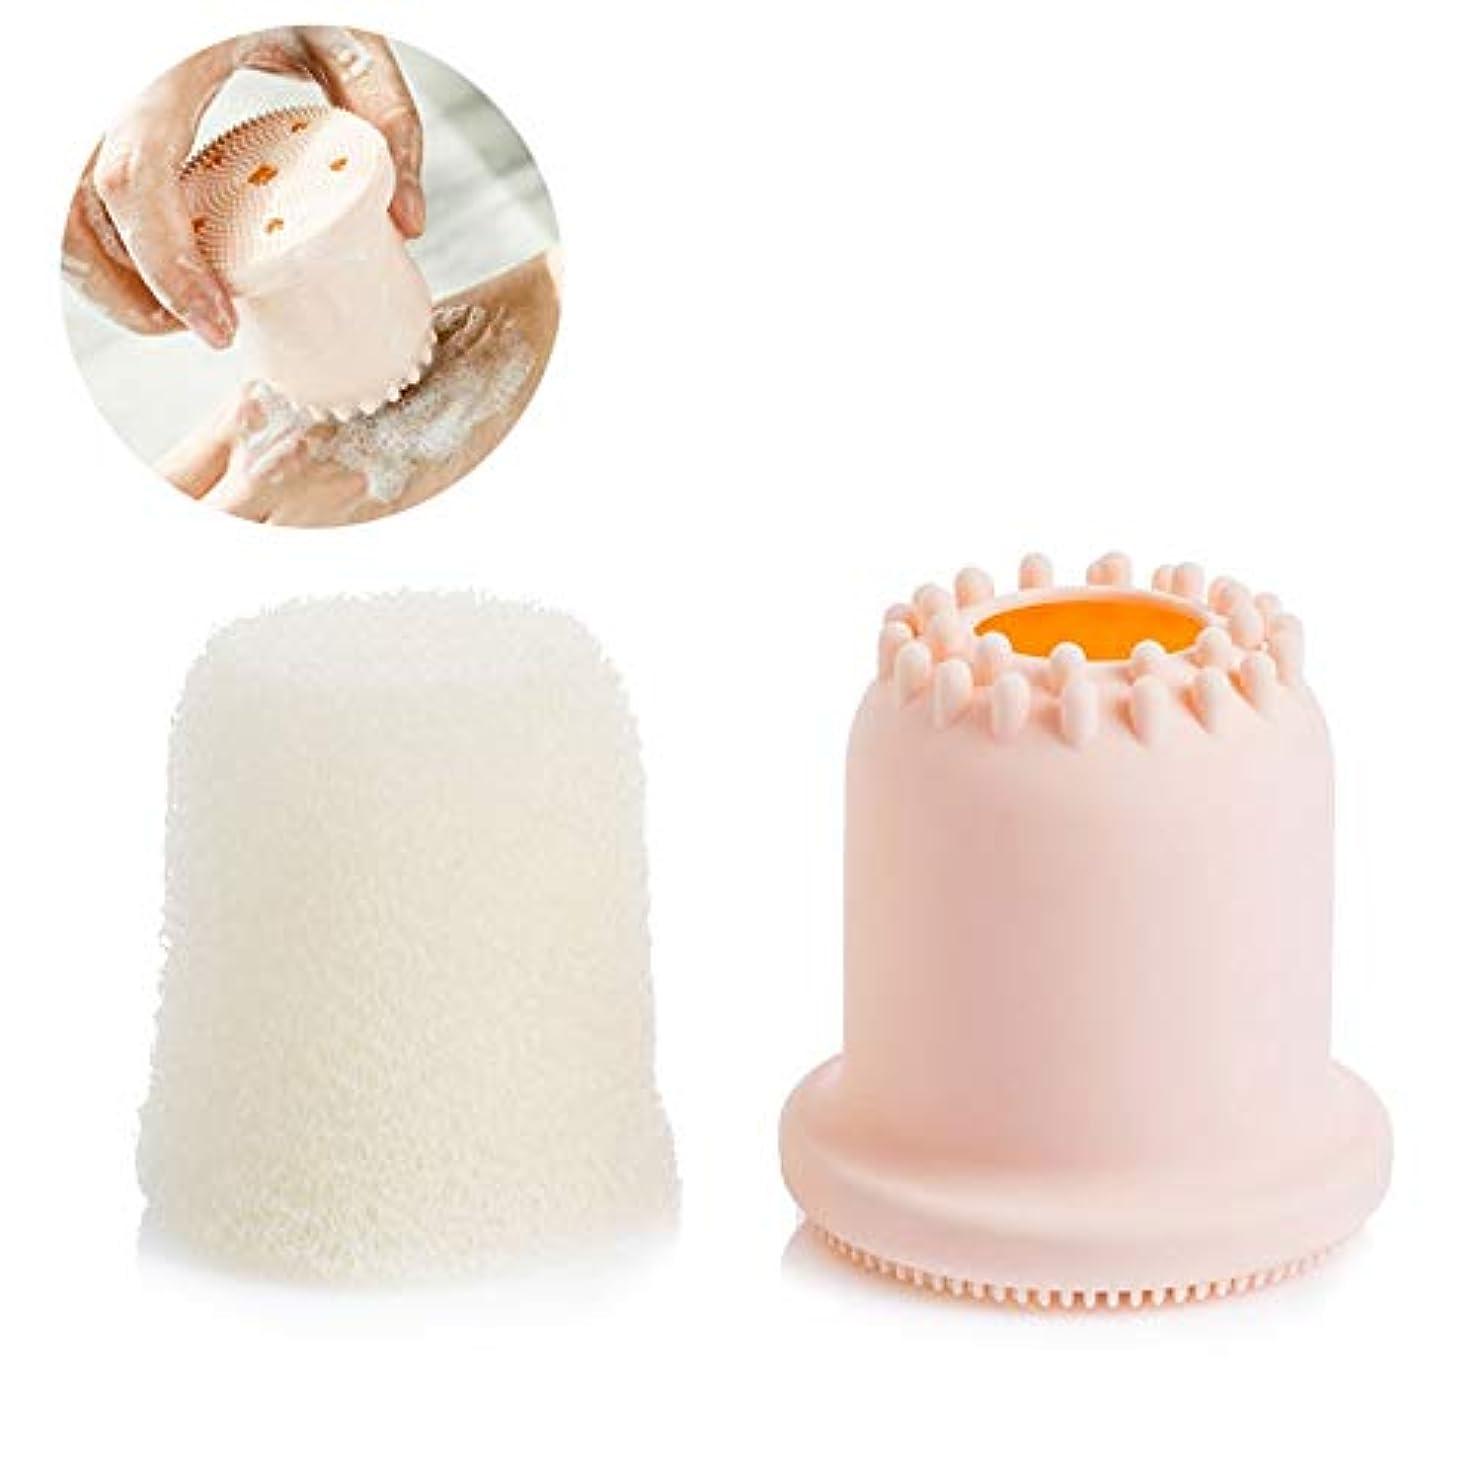 機転連合マオリクレンジングブラシ、剥離クレンジングブラシ、手動洗浄ブラシ、ディープクリーニング